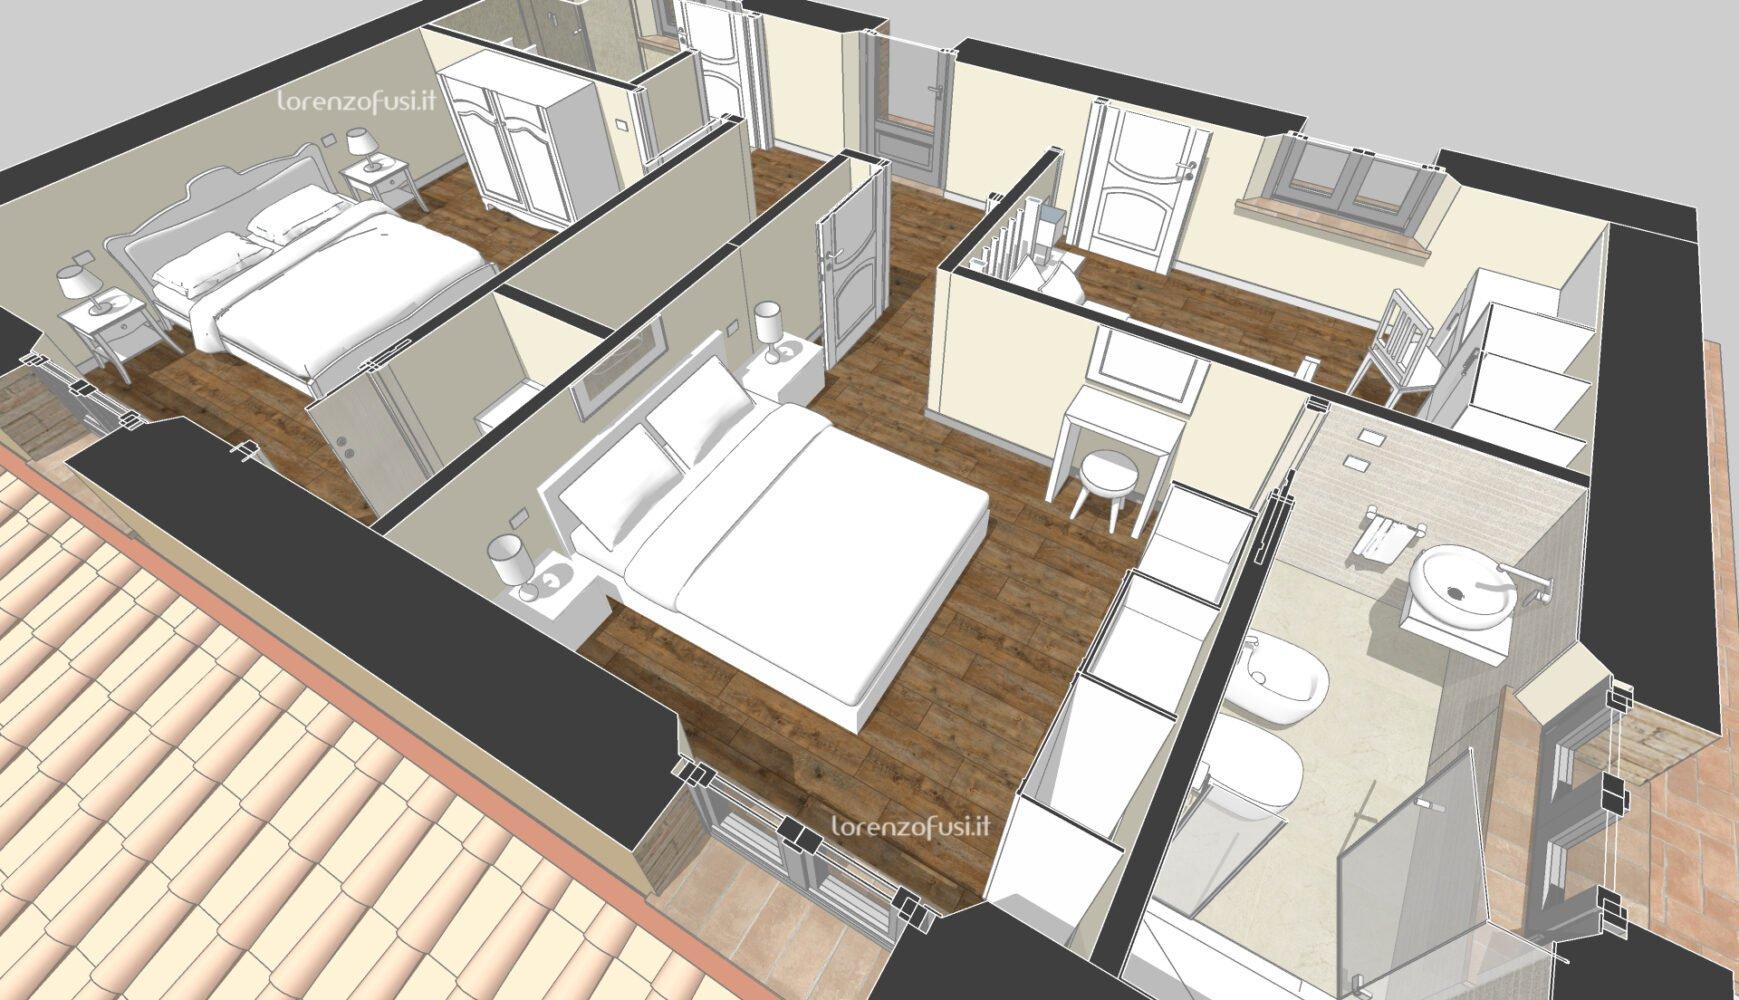 first floor perspective